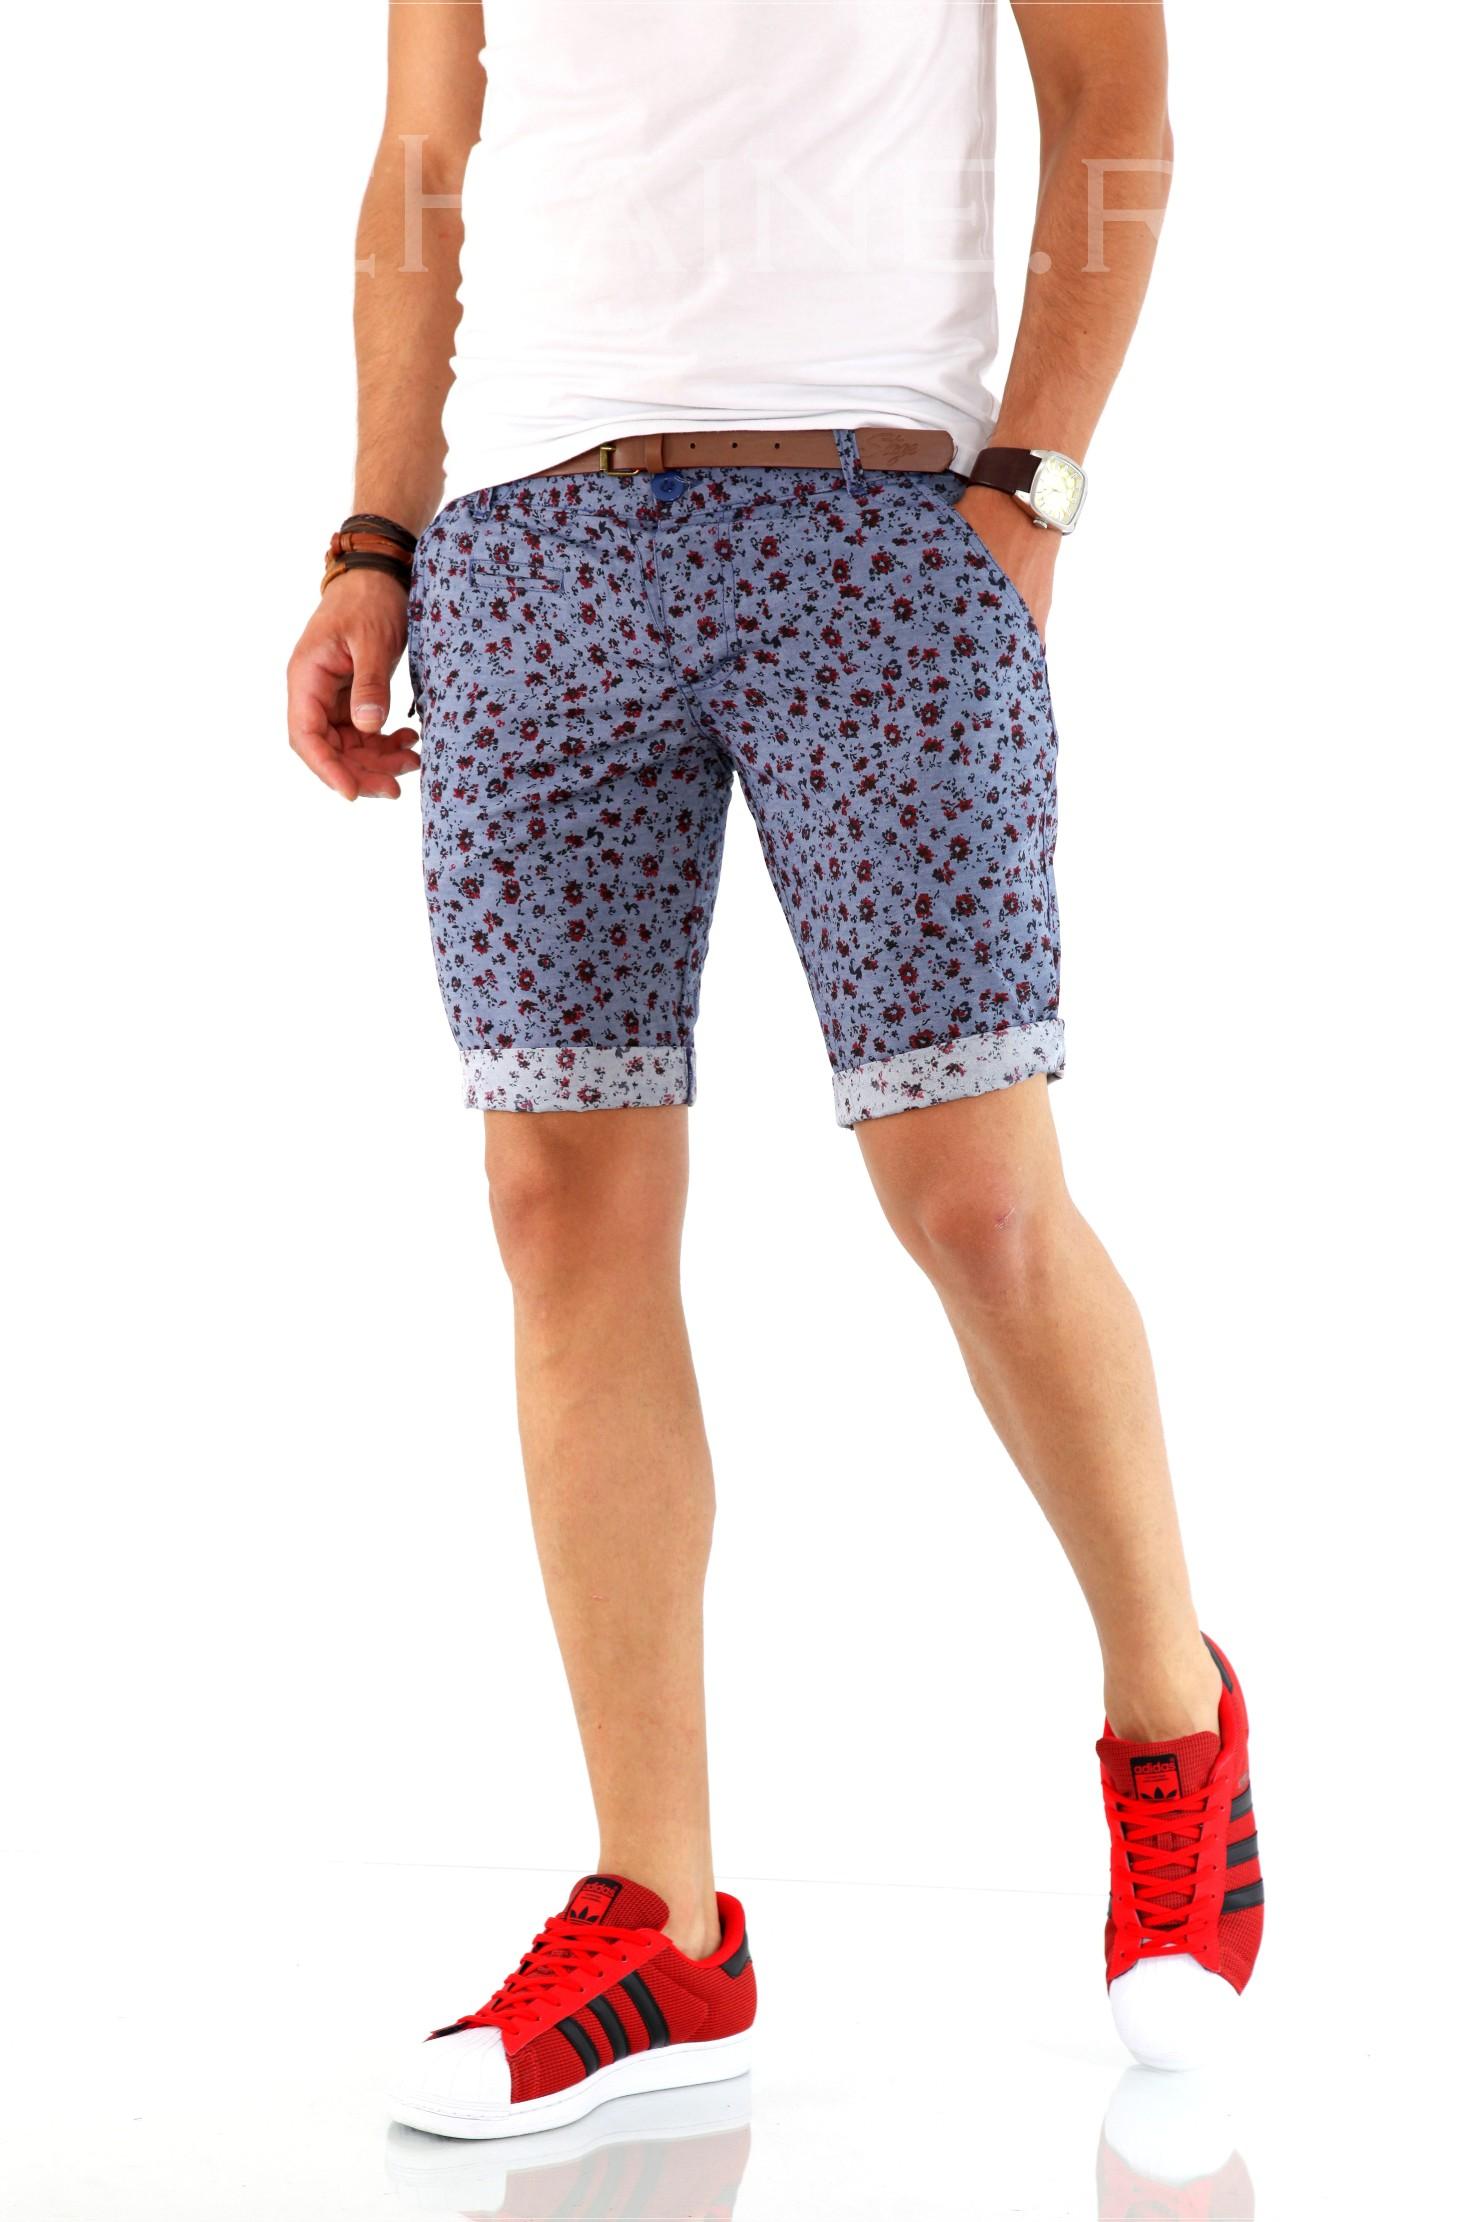 Pantaloni scurti + Cadou ZR 8568 X7-2